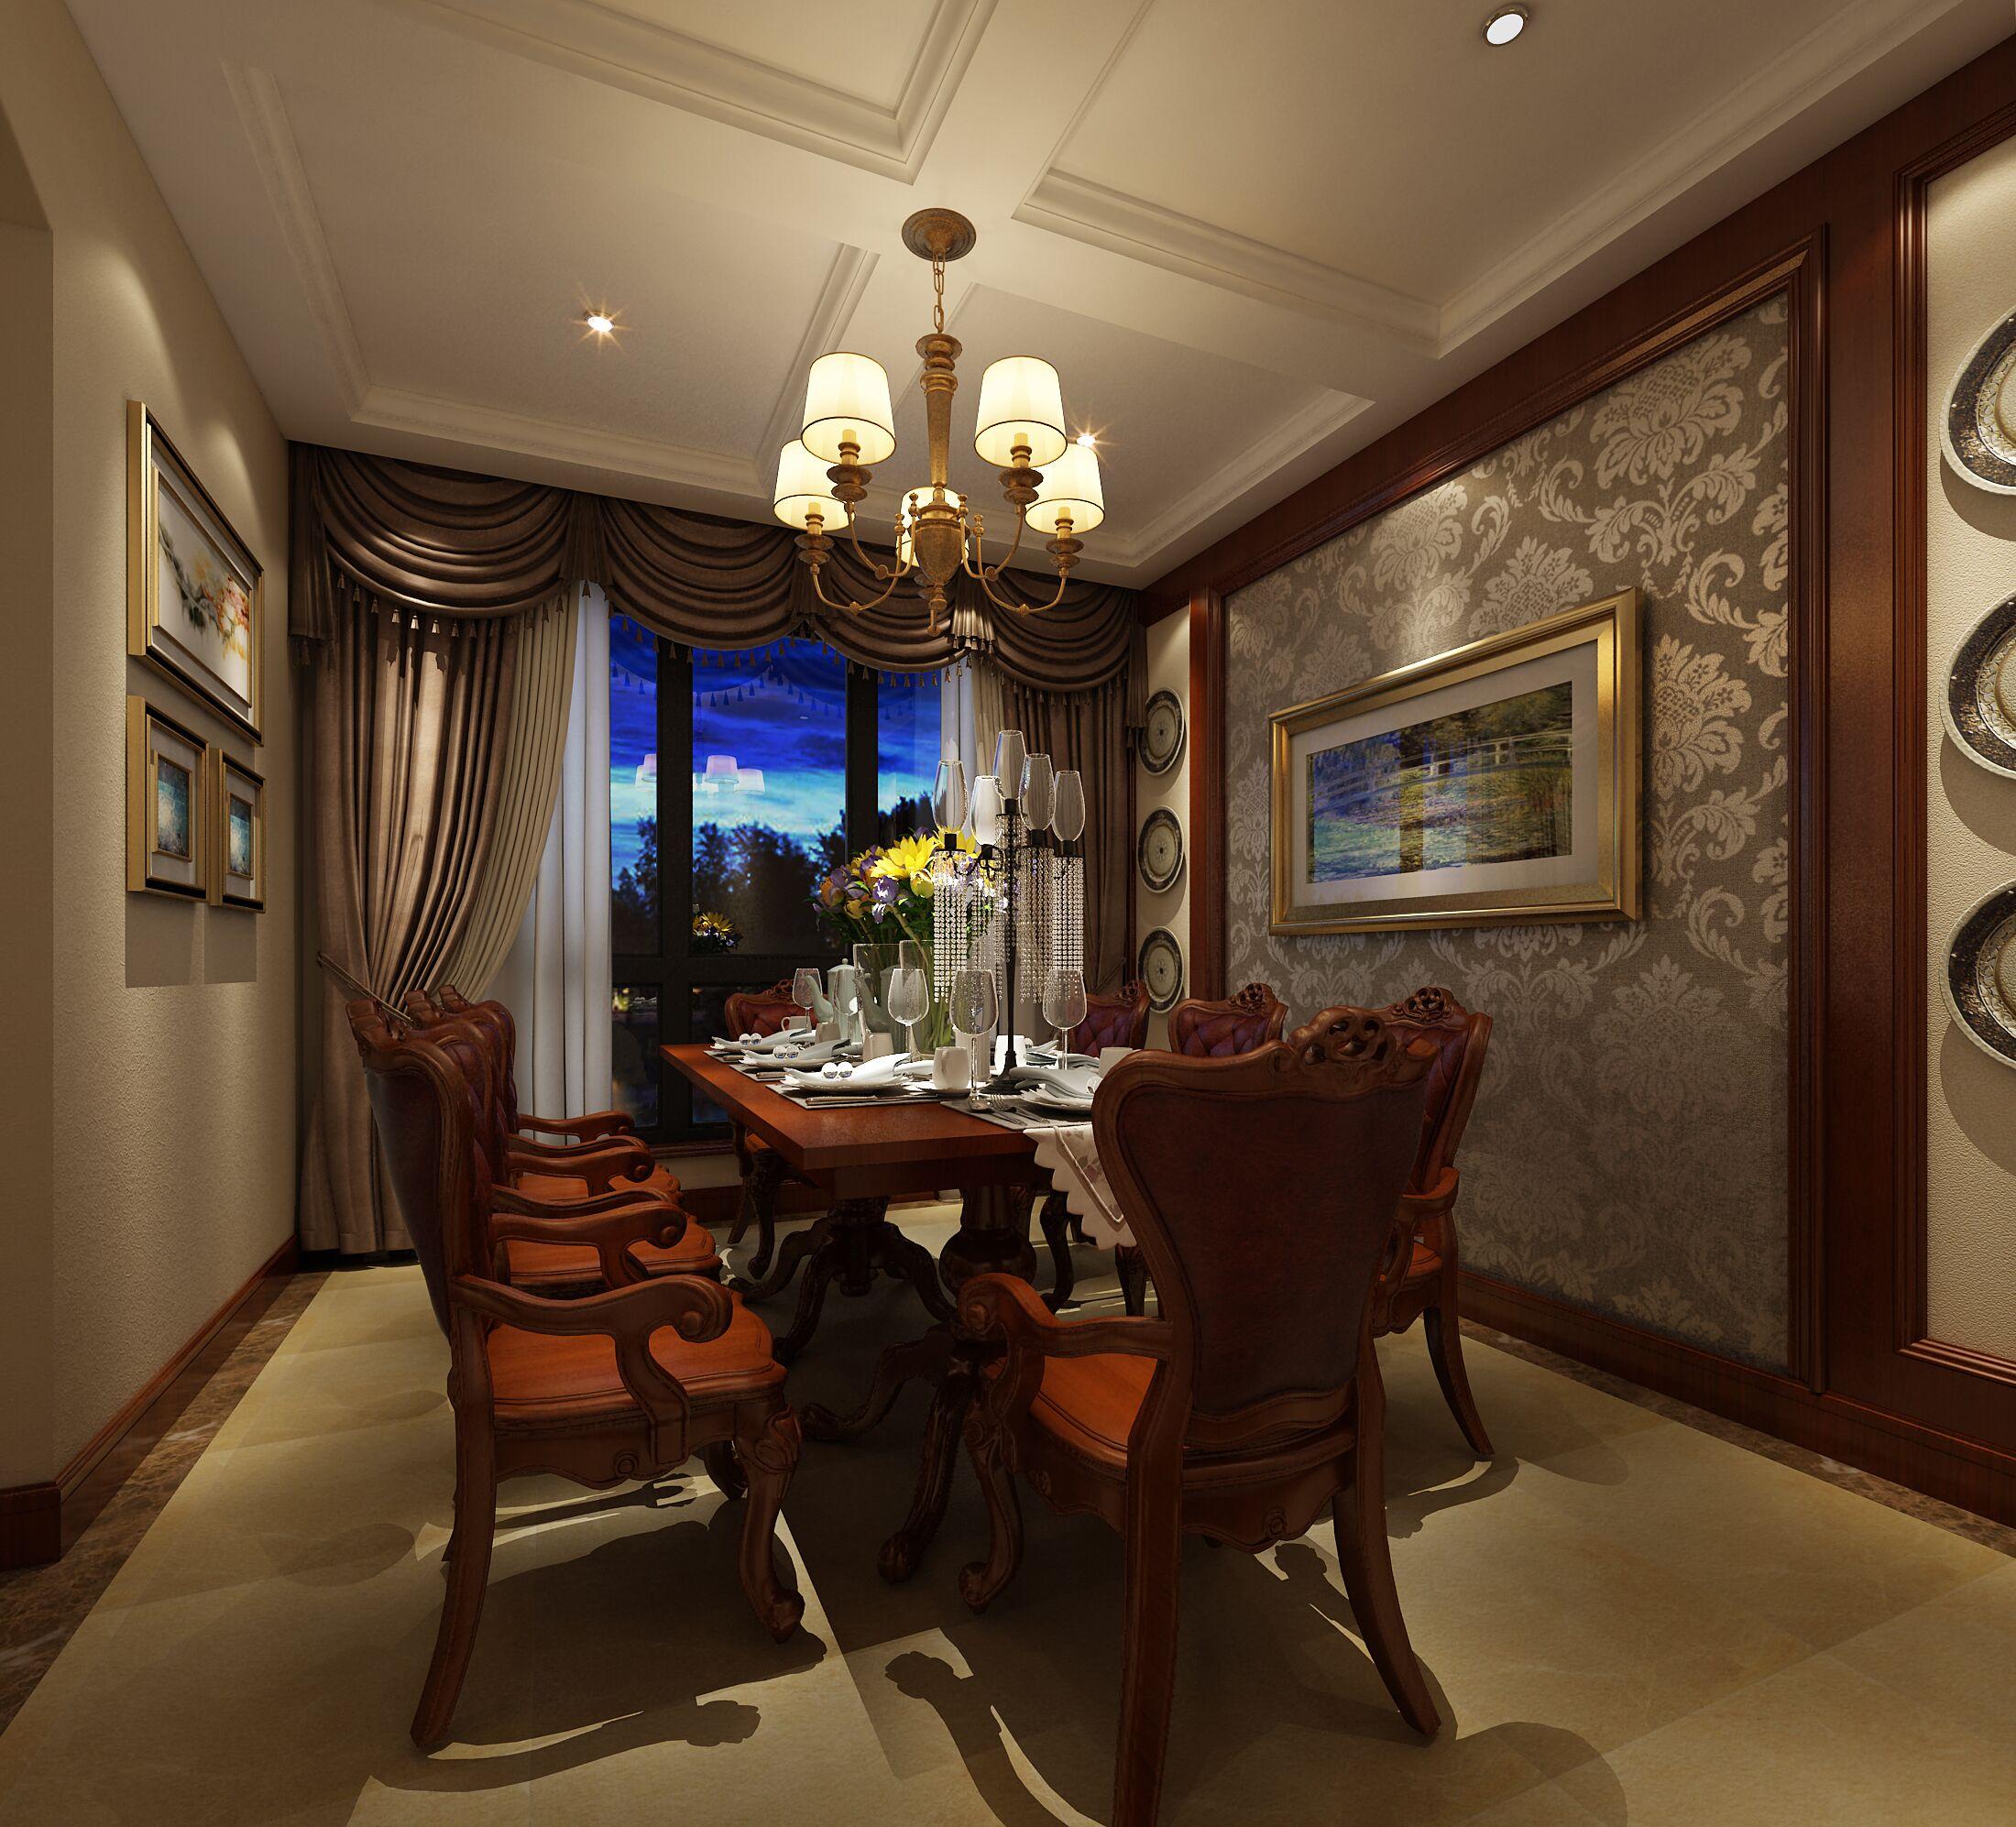 未来方舟联排别墅,是隐匿在城市喧嚣中的一片宁静。纯粹的美式风格用了大量的深色木质元素让大空间显得厚重沉稳,配合大面积的文化石为整个家增加了年代感。客厅的改造改善了楼梯的采光,也让客厅六米层高的空间富有了层次。低调的用了小面积的石材,提升了整体的质感和档次。印象中别墅就应该金碧辉煌,然而这样一套低调奢华的美式风格更能彰显主人的品味,像欧洲古宅一样经久不衰。负一楼整个做为一个休闲娱乐区,以简约美式打造一个工作之余放松休闲的区域。可以一家人和乐融融的在影音室看场电影,可以三五好友品酒畅谈。设计源于生活,设计是要从心出发